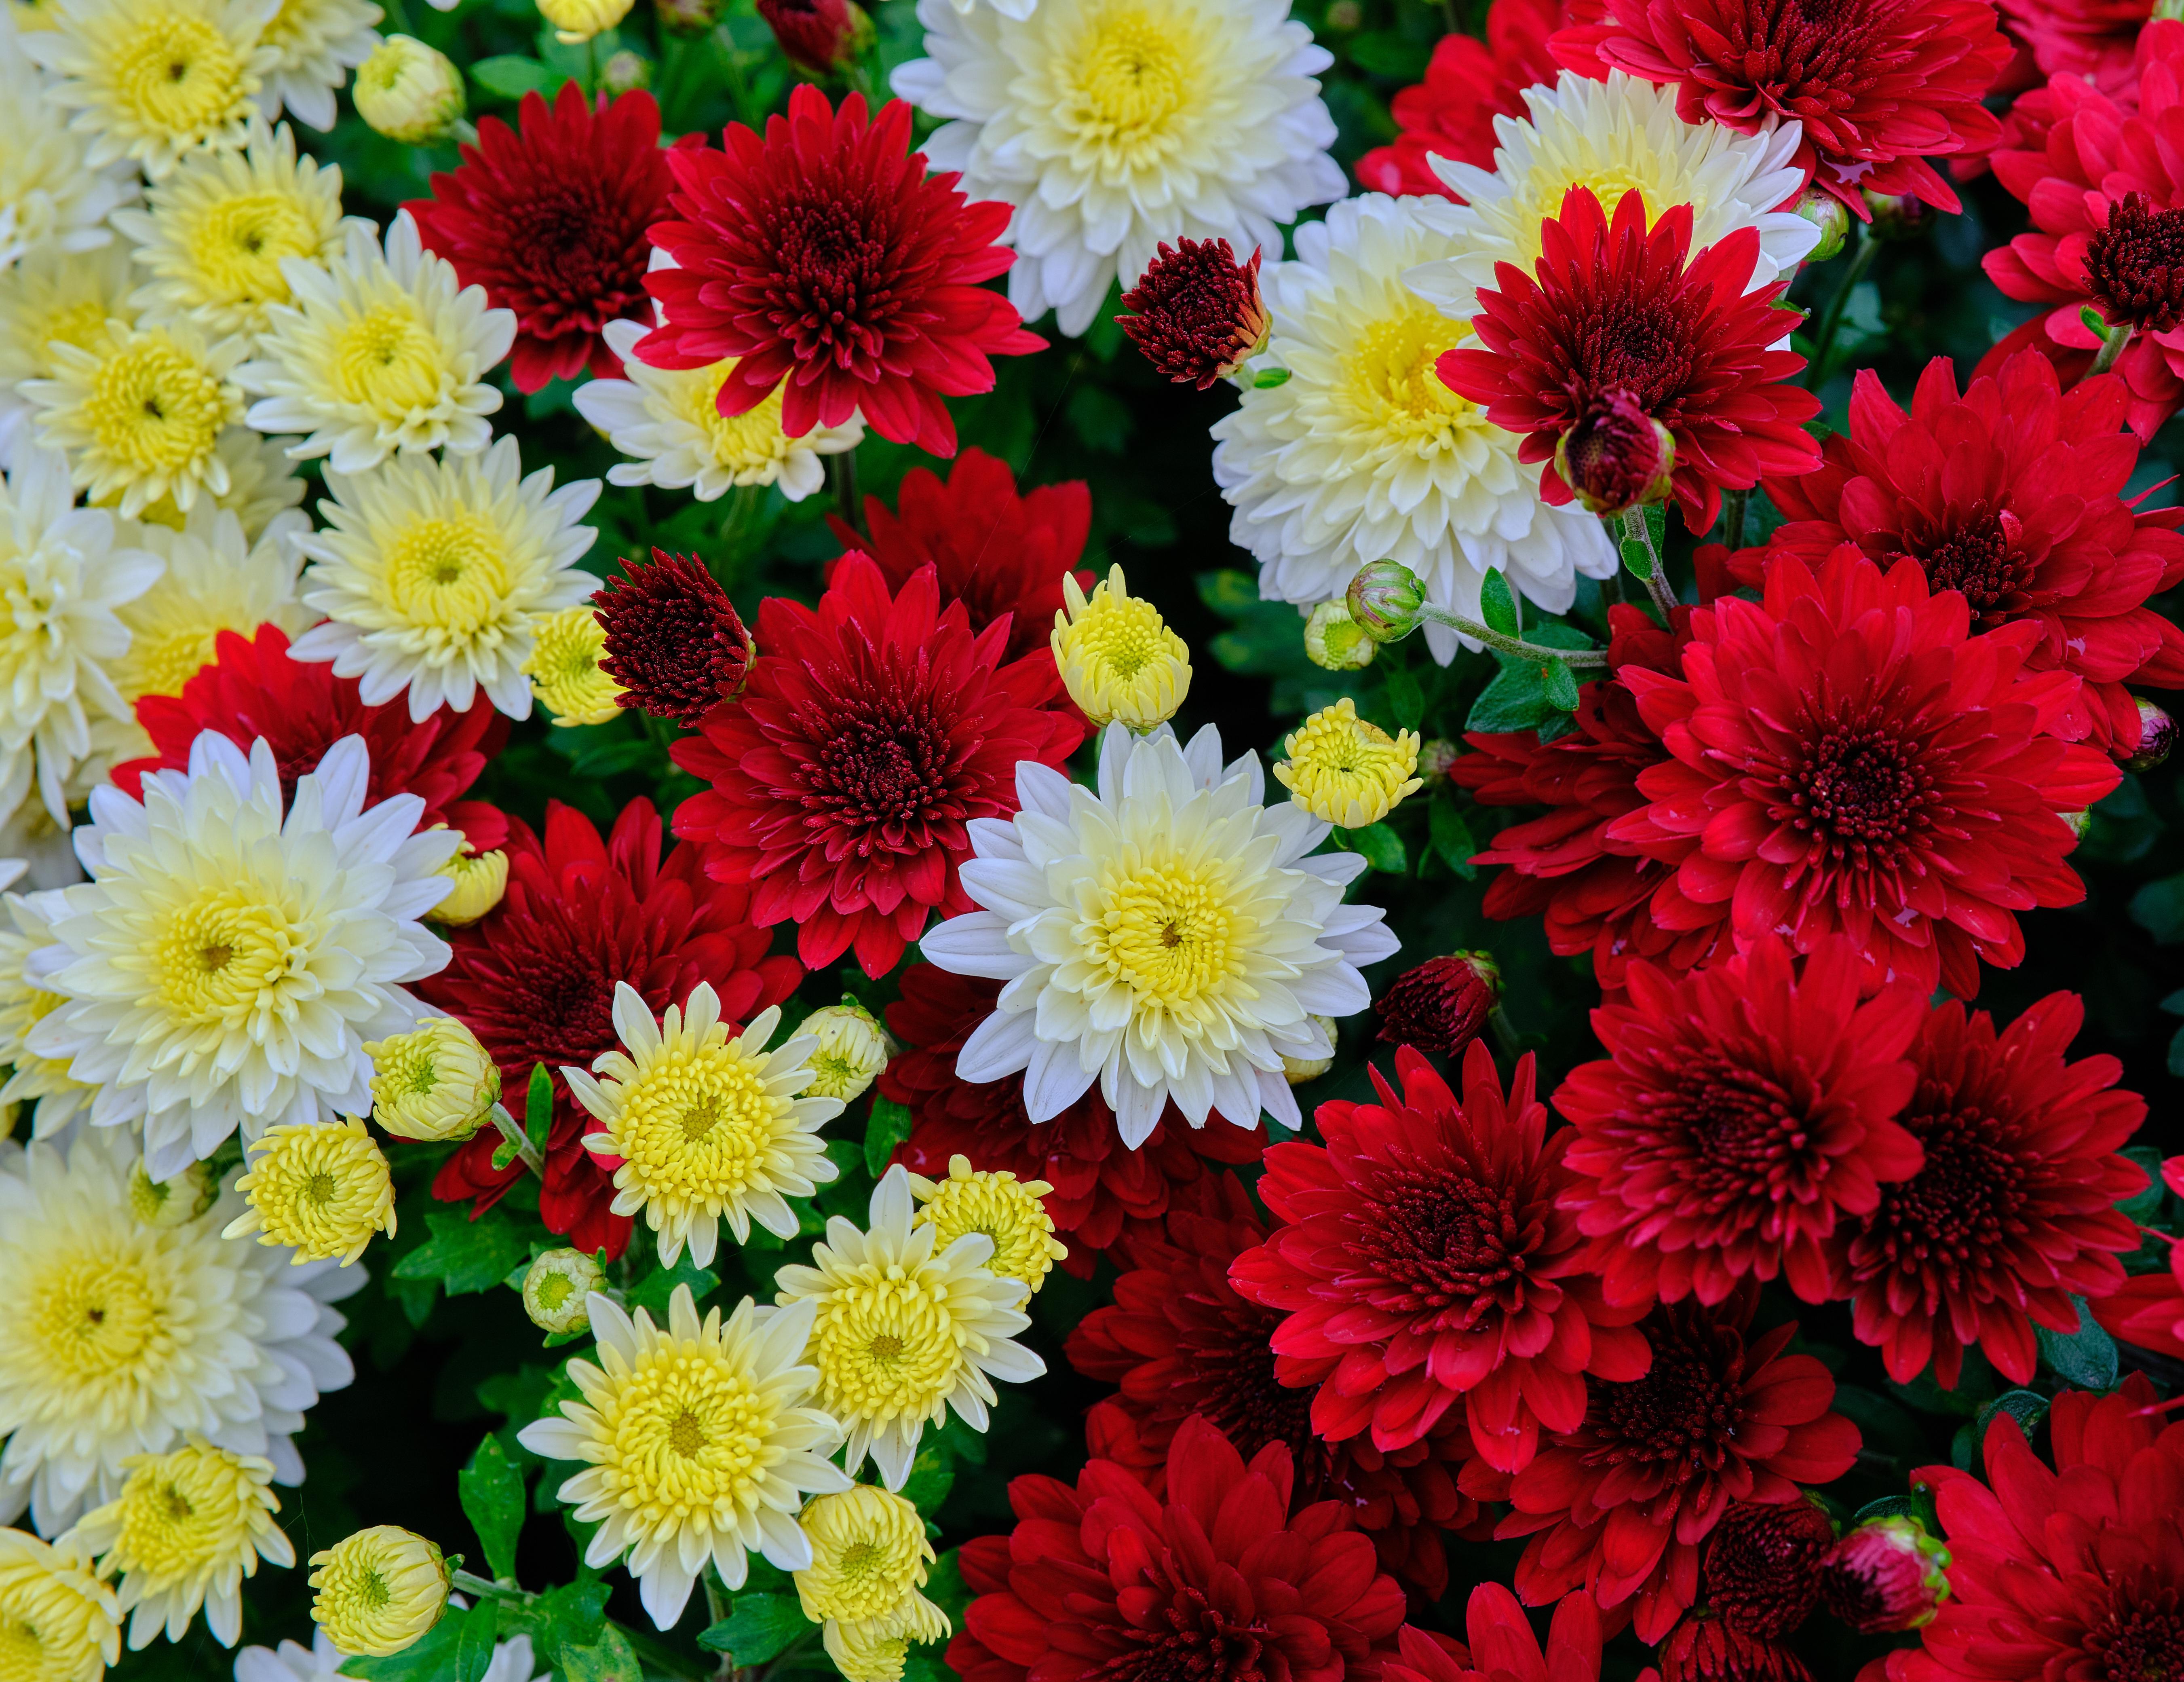 Скачать обои Цветы на телефон бесплатно